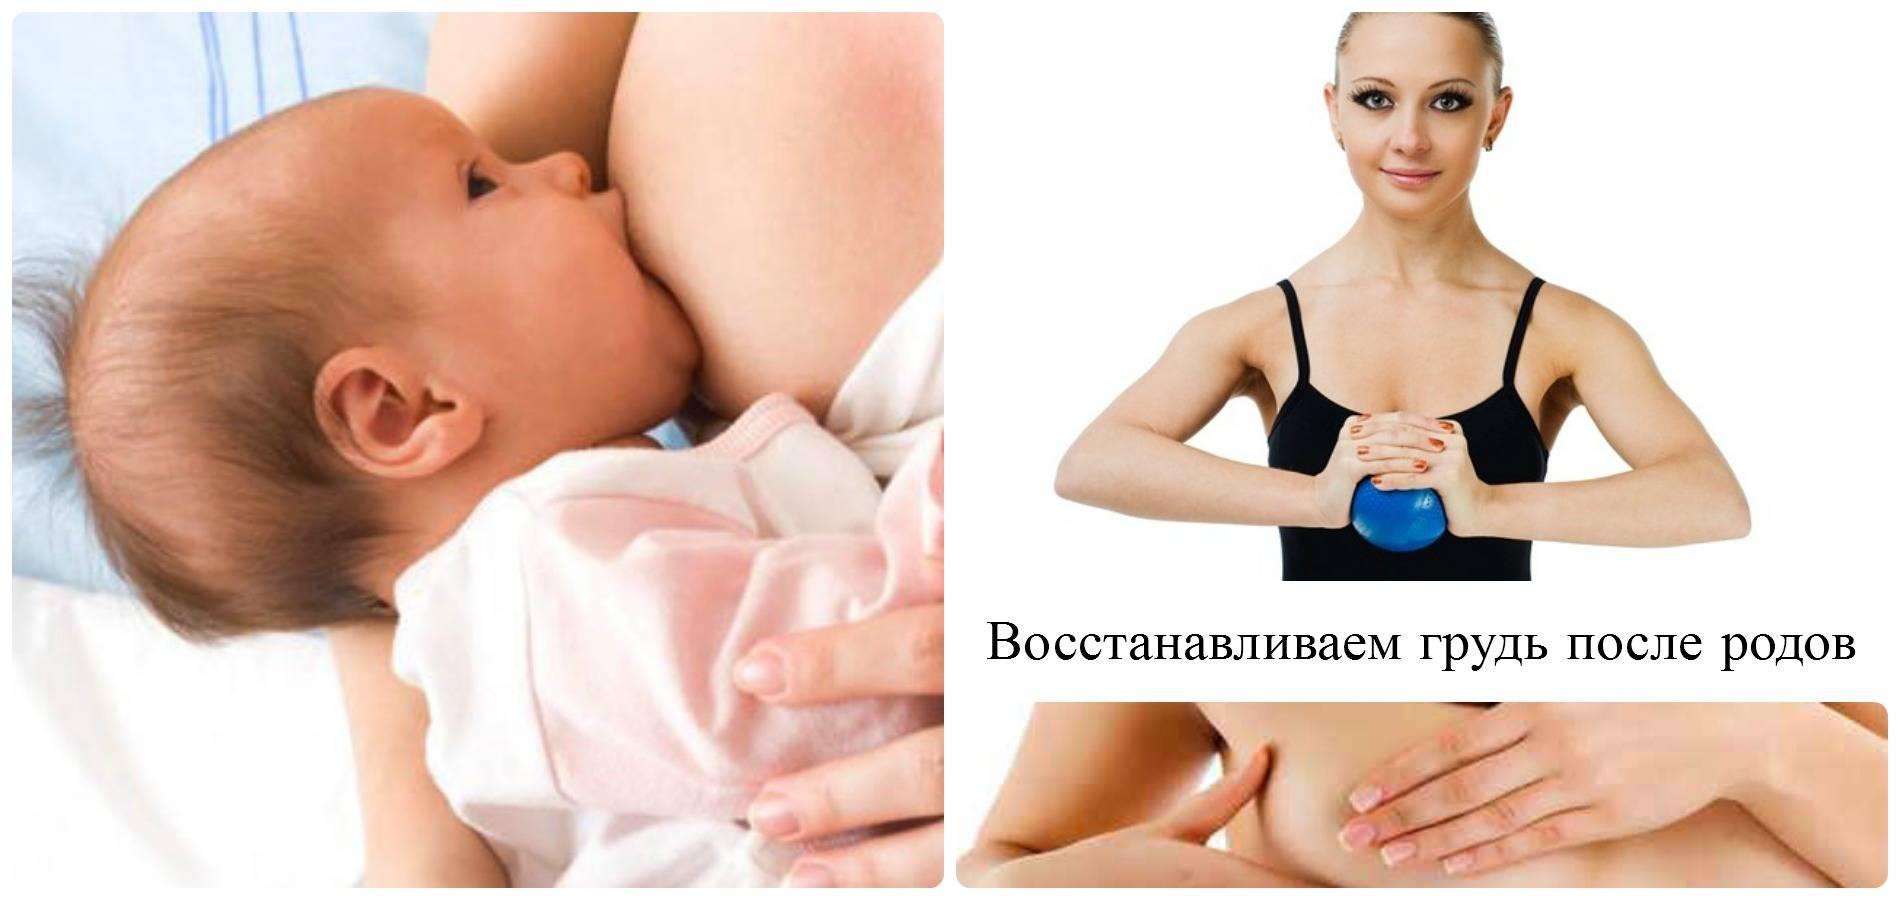 Грудь до и после родов — фото и решение проблем. как сохранить красоту груди после родов: практические советы и рекомендации